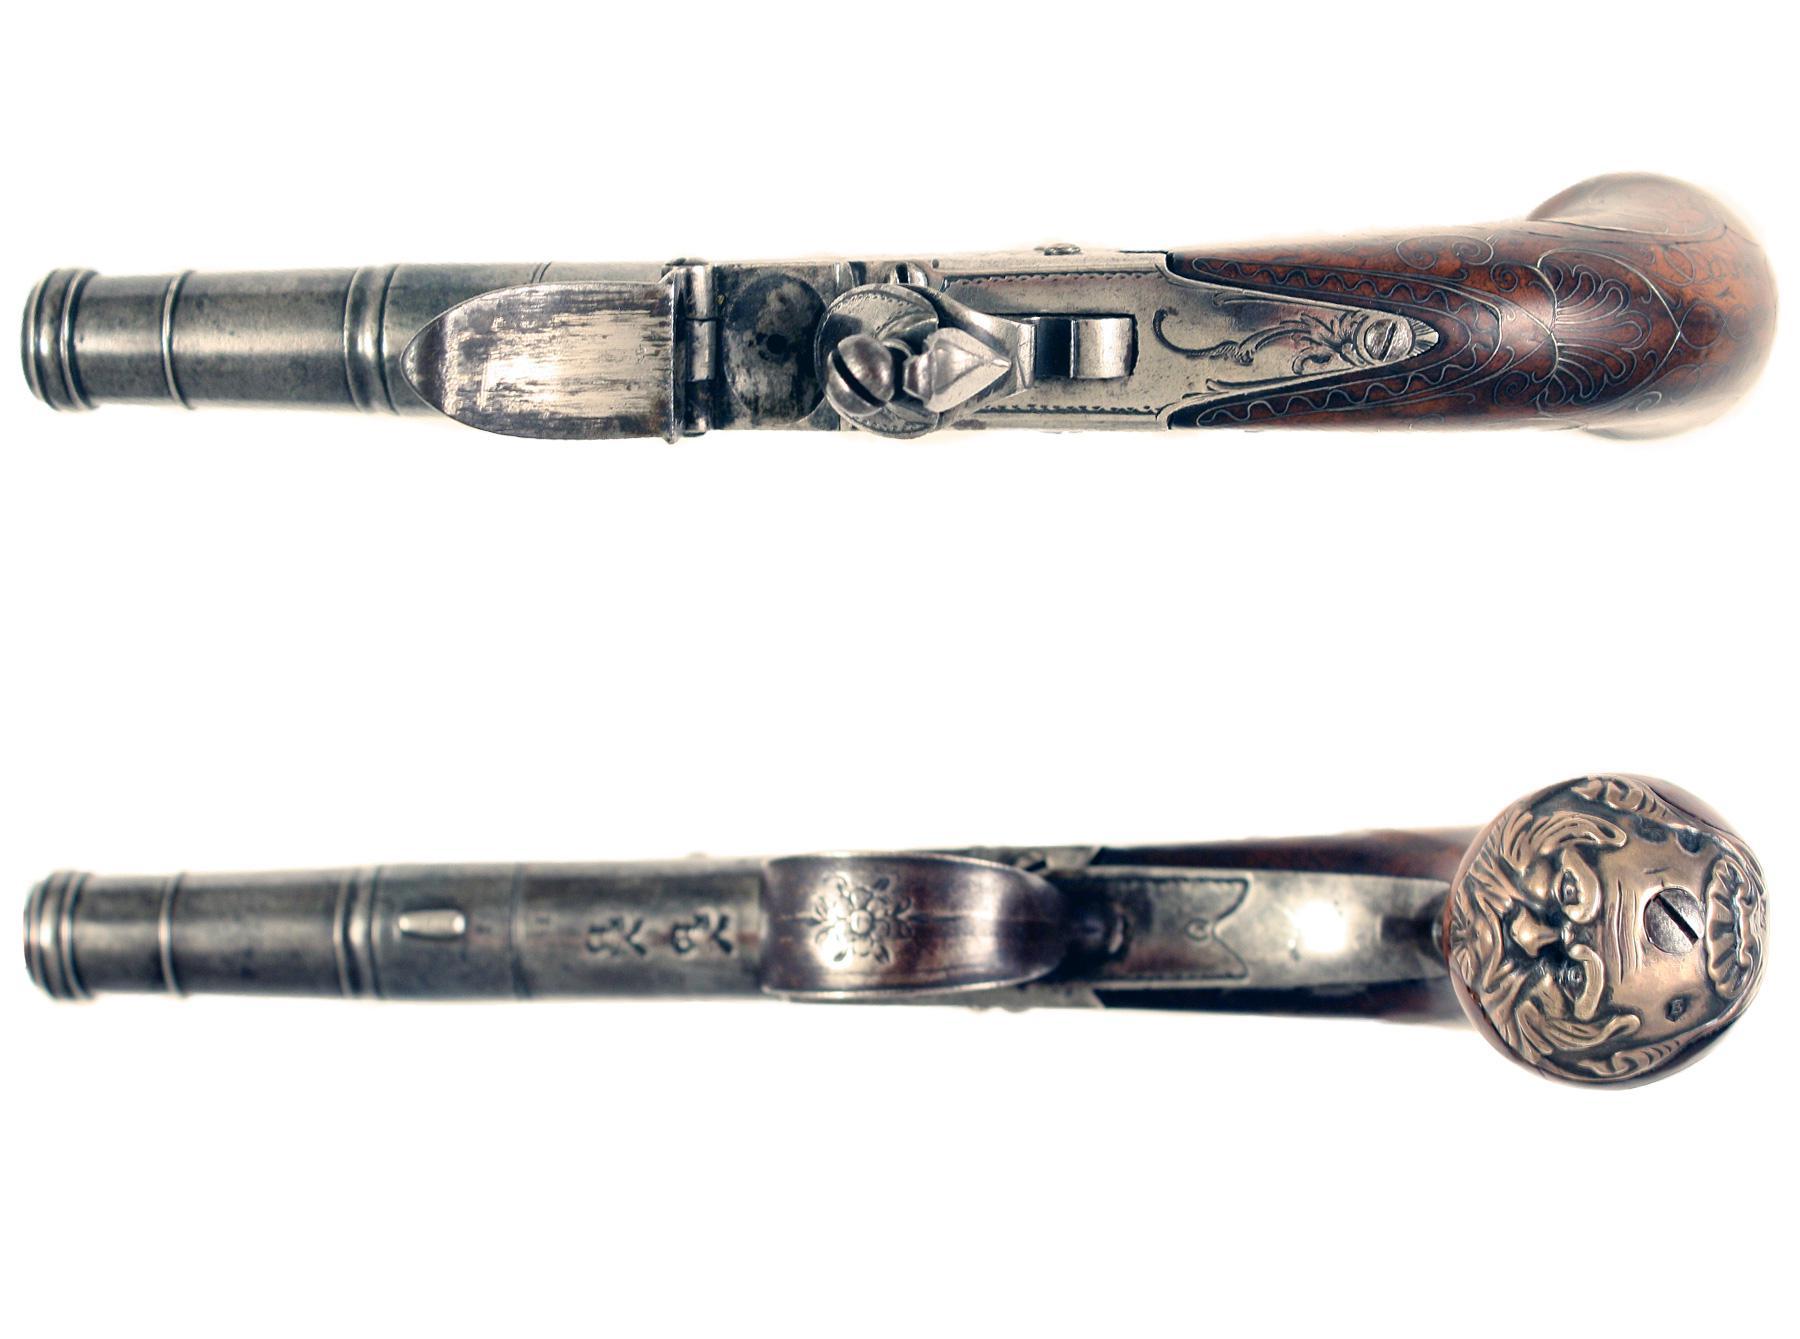 A Silver Mounted Flintlock Pocket Pistol by Parkes